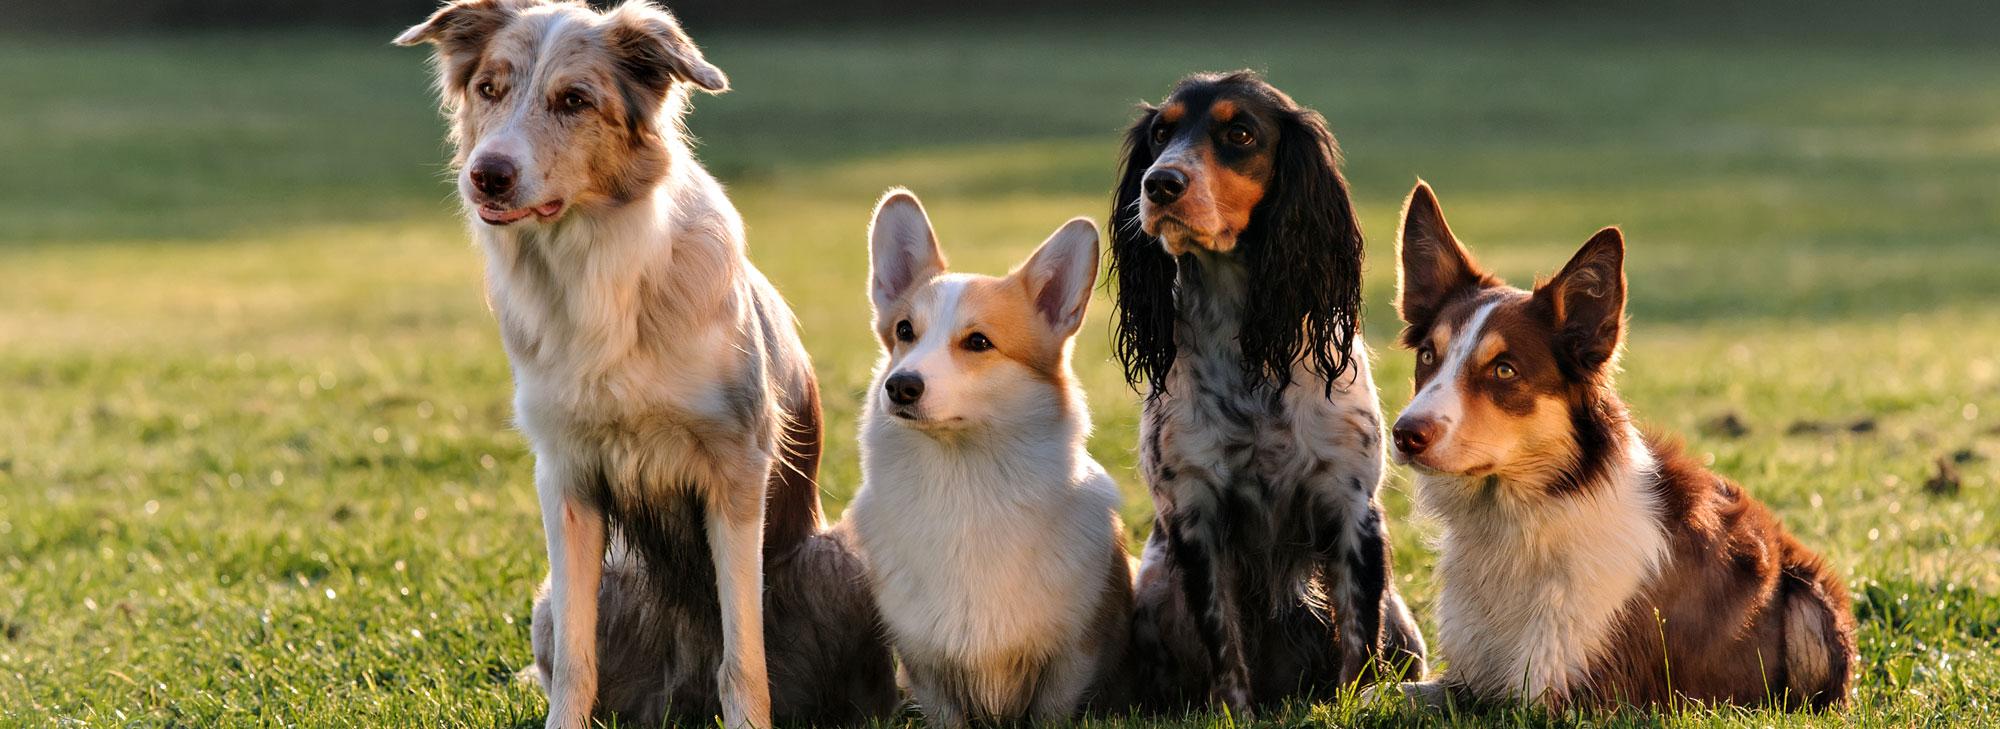 Different Dog Breeds Sitting Together